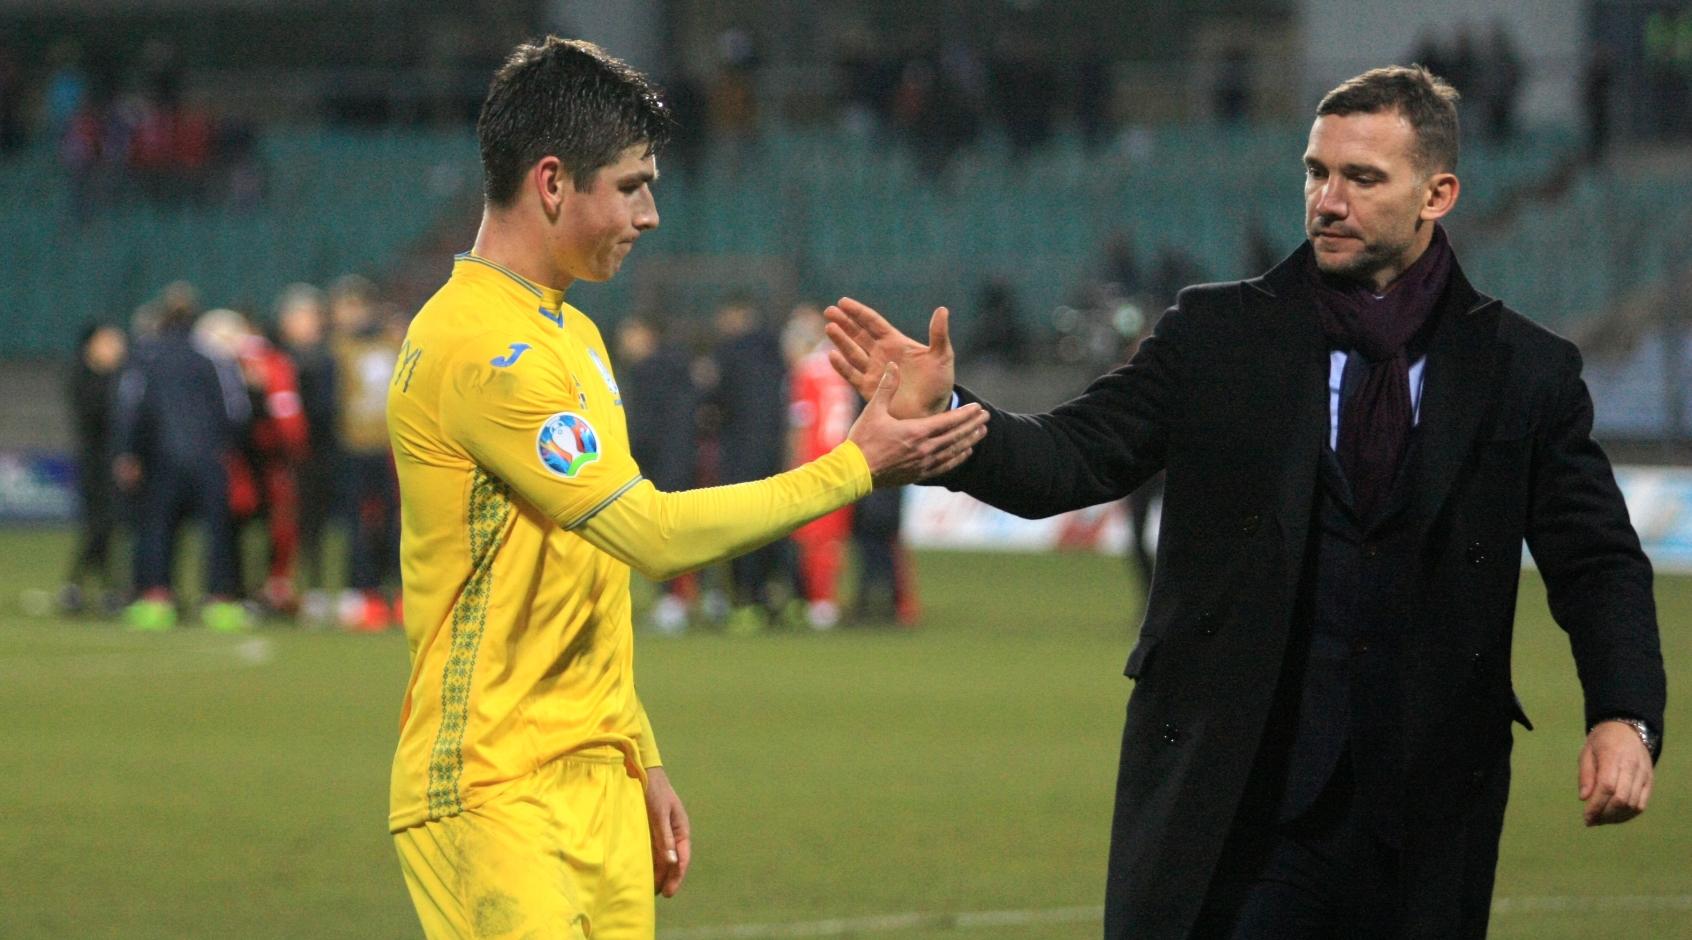 Руслан Малиновский - лучший игрок матча против Литвы по версии Instat, Мораес - худший